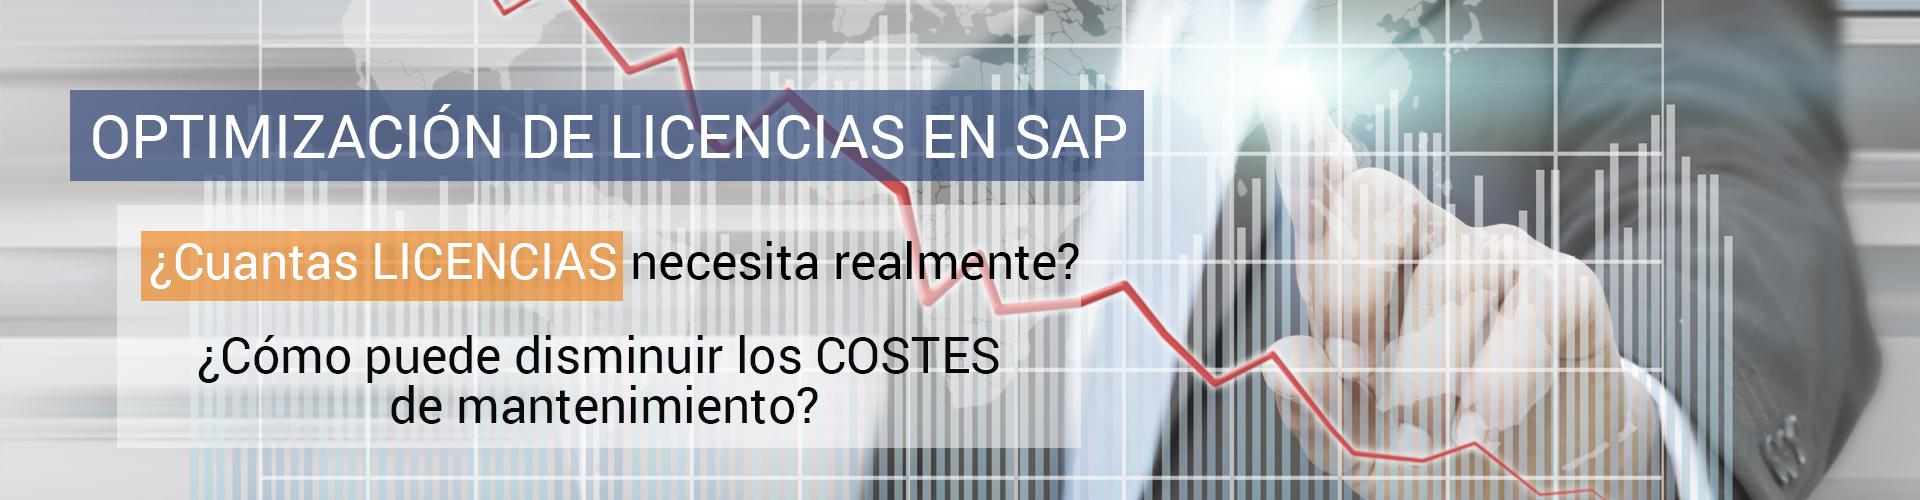 Optimización de licencias SAP